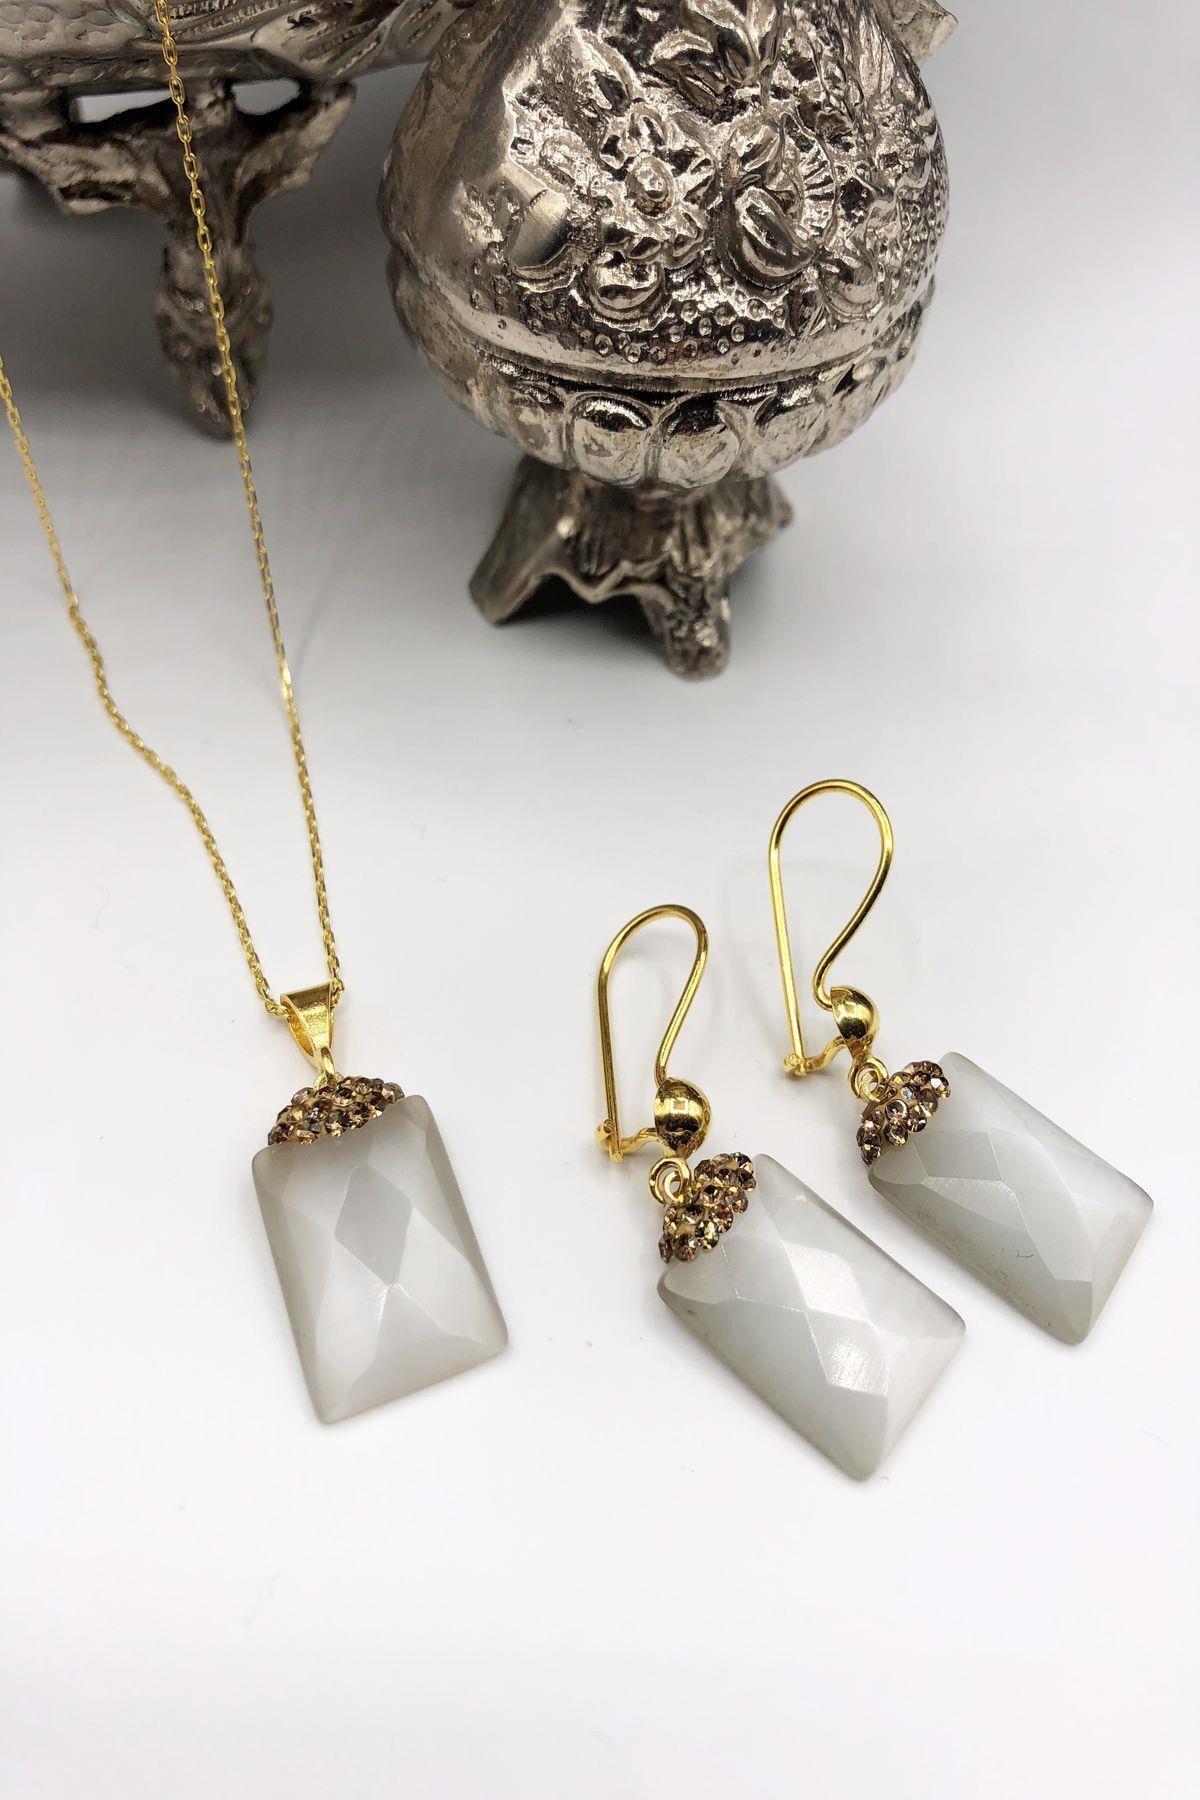 Dr. Stone Dr Stone Harem Koleksiyonu Kedigözü Taşı El Yapımı 925 Ayar Gümüş Set Gdr9 1